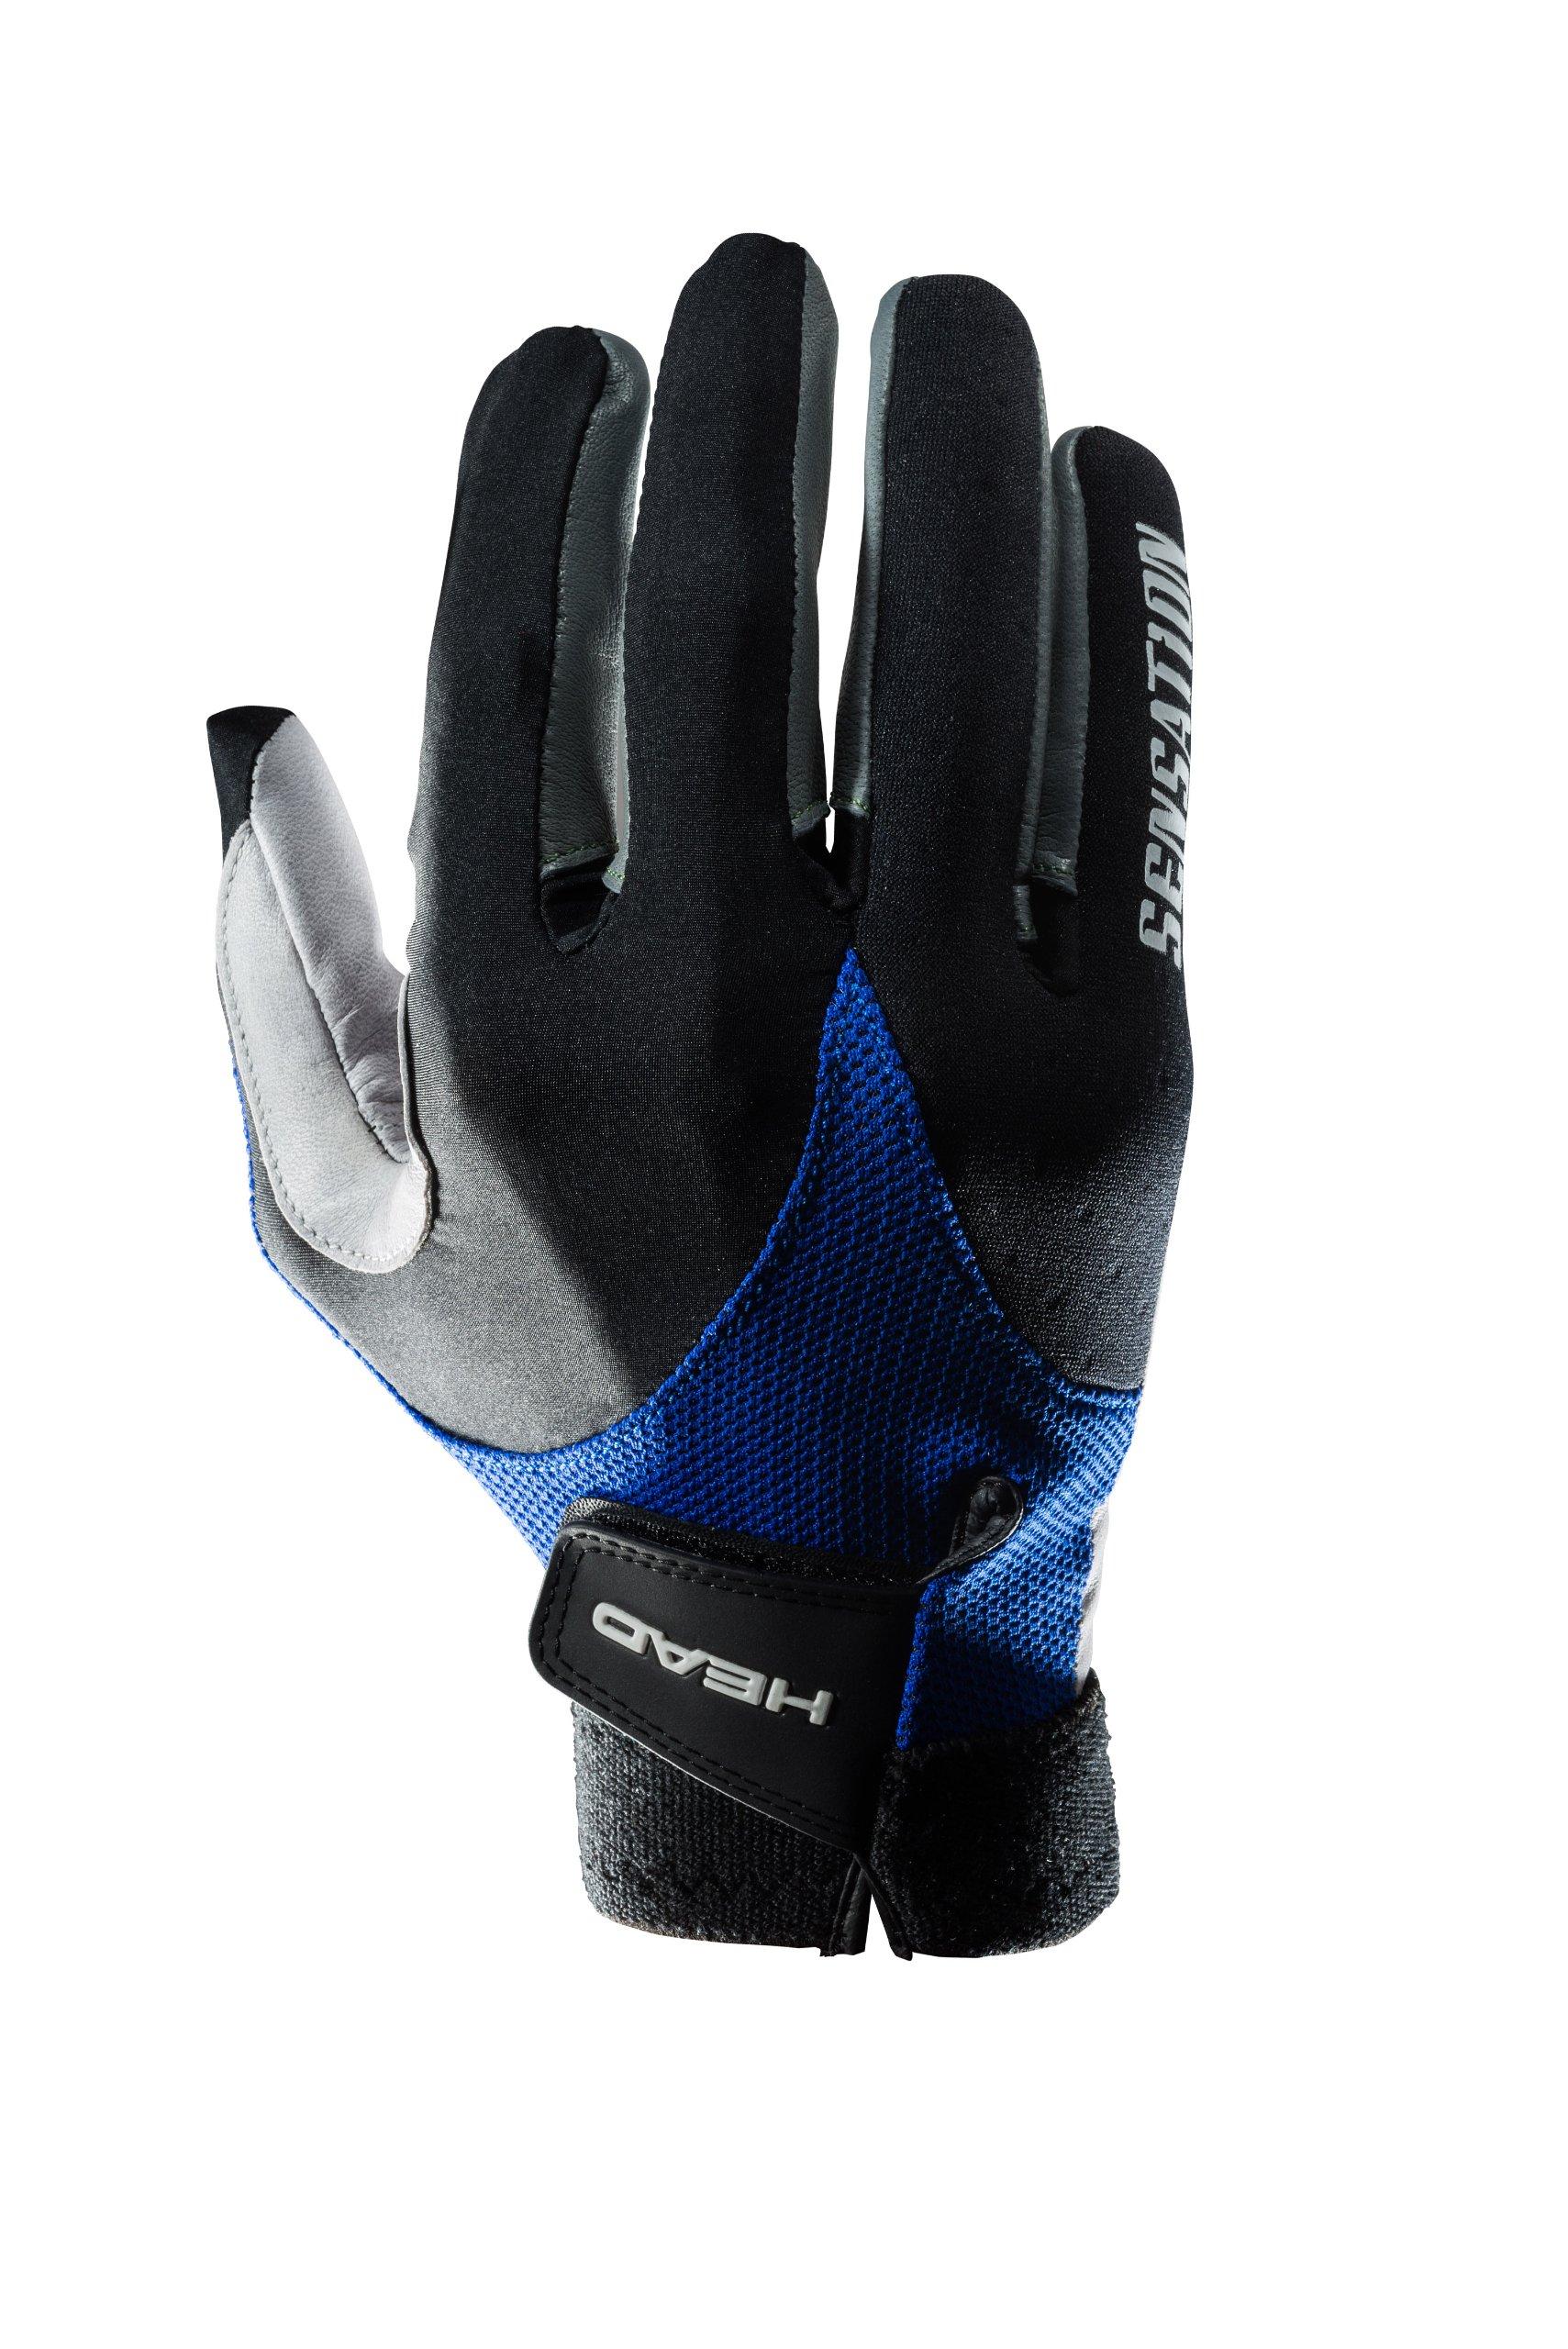 HEAD Sensation Glove